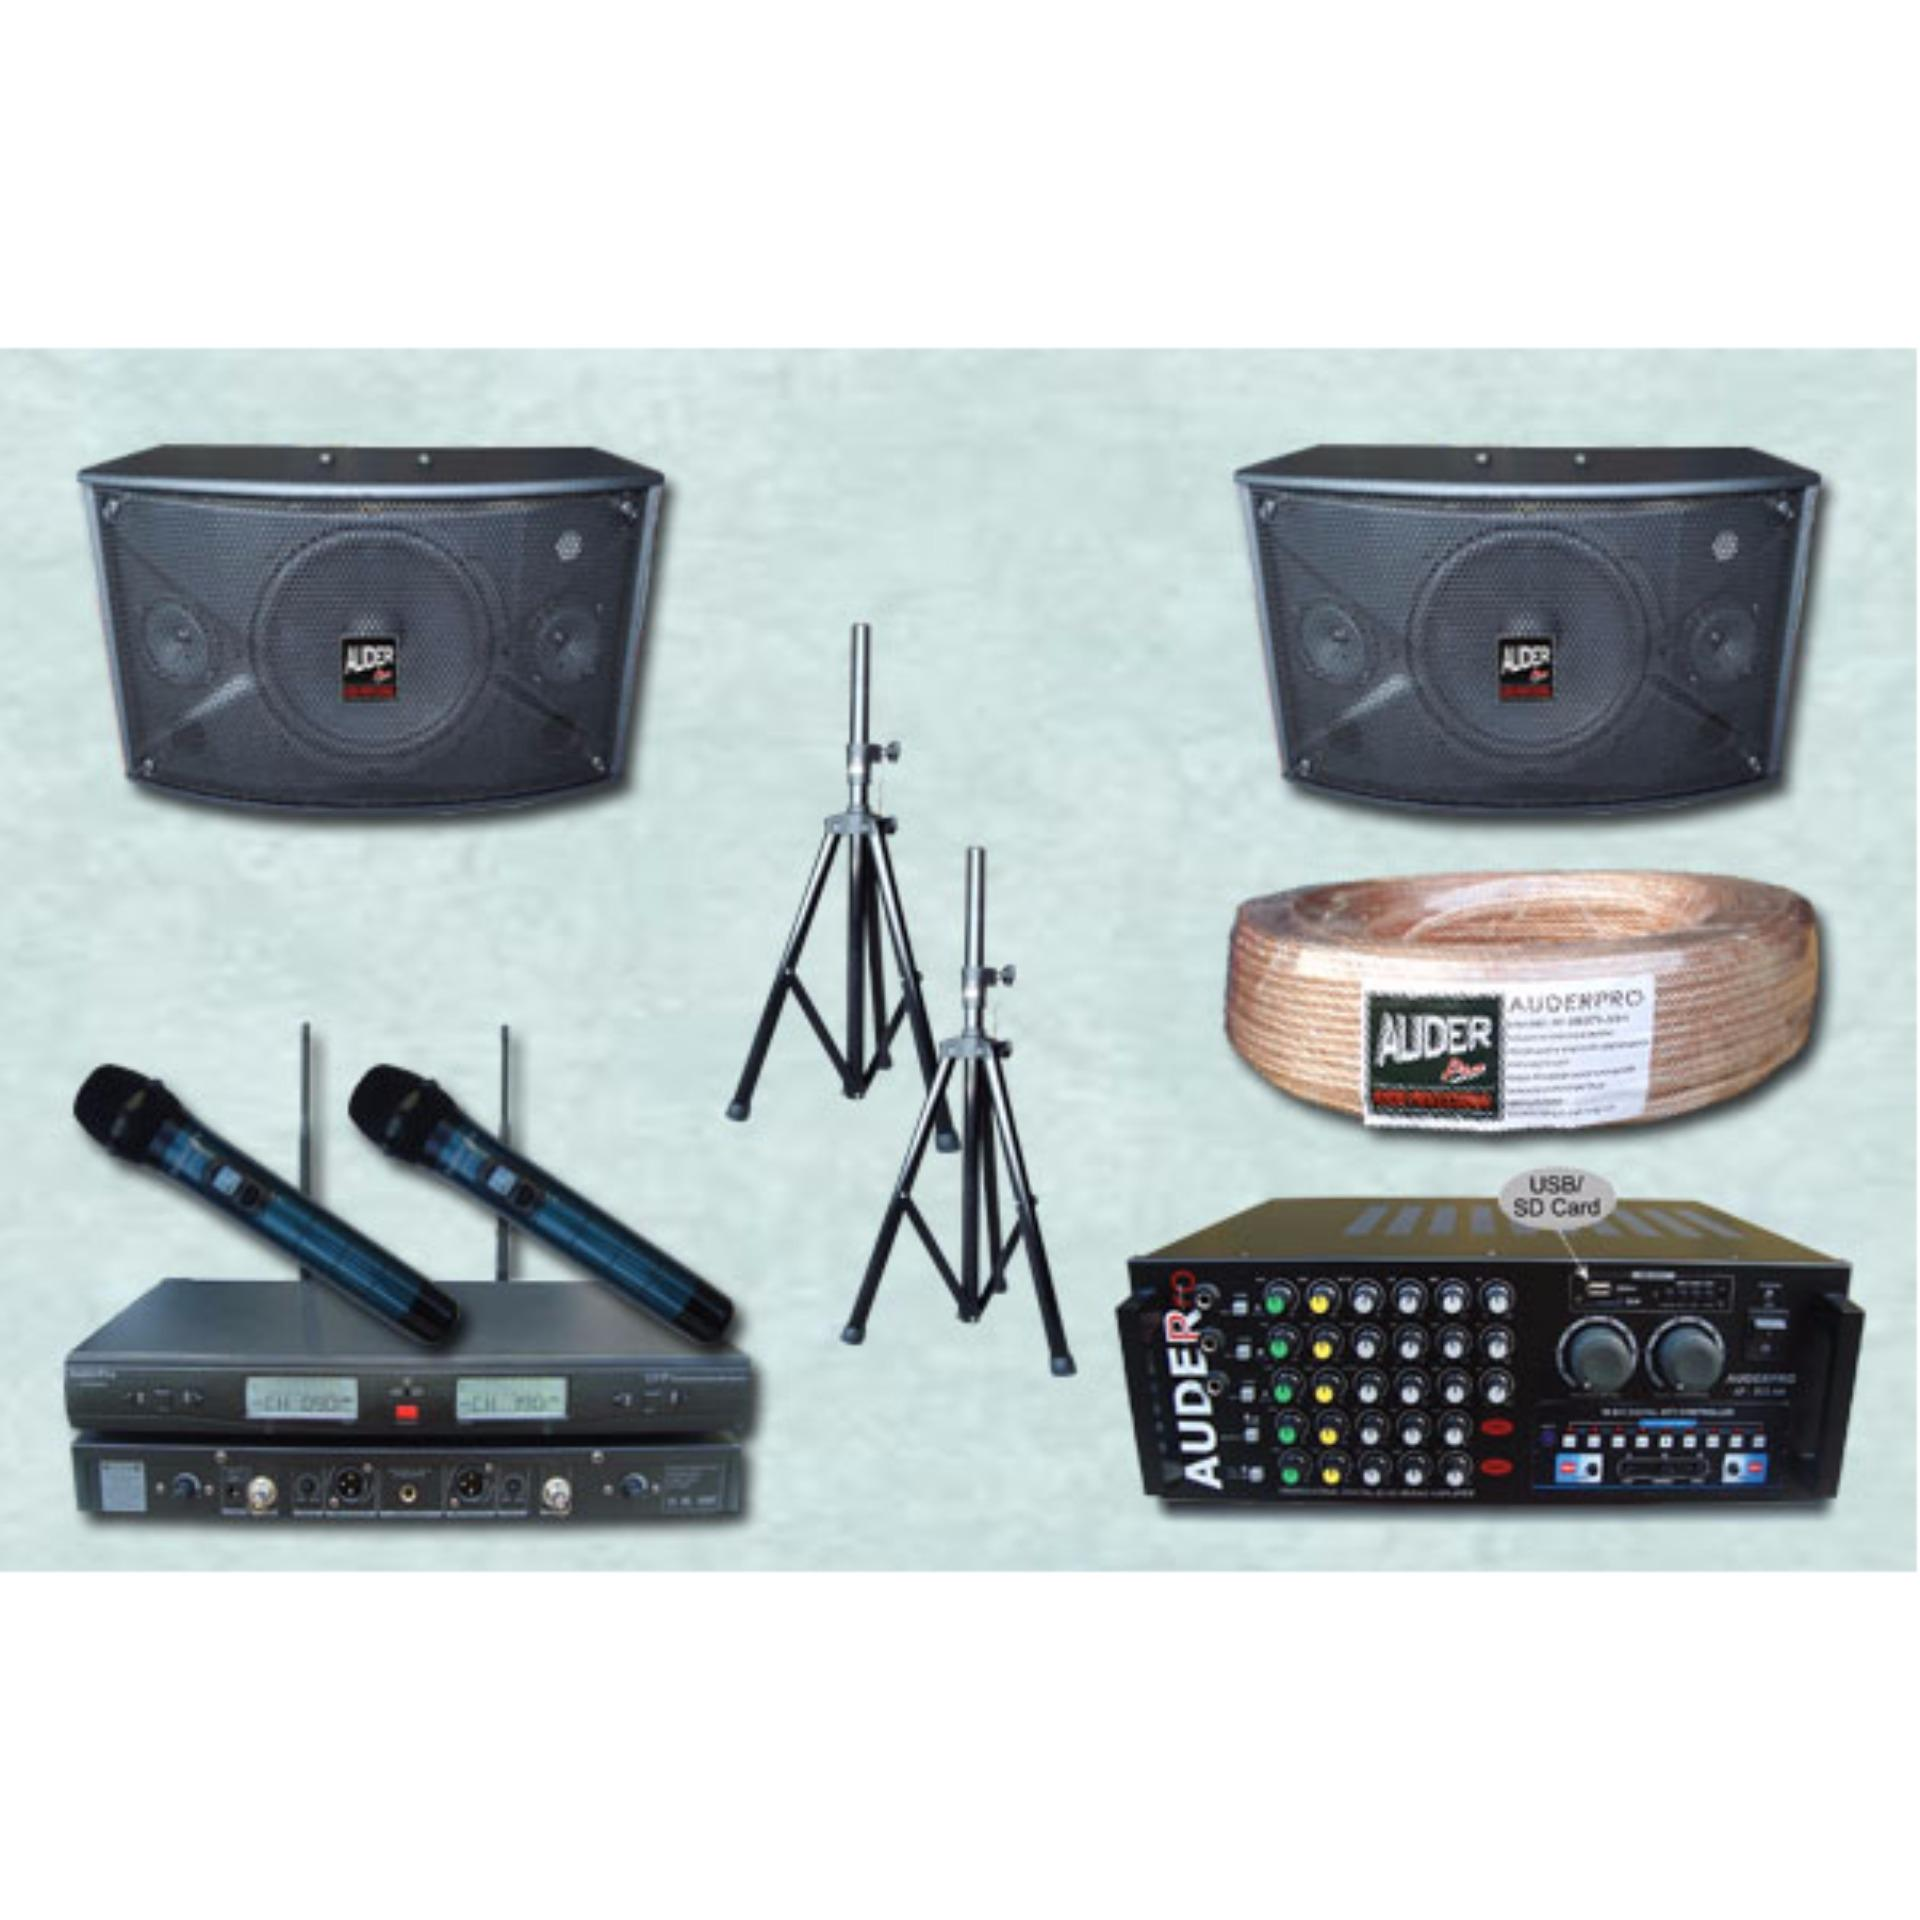 Harga Paket Sound System Rapat Kecil 2 Auderpro Baru